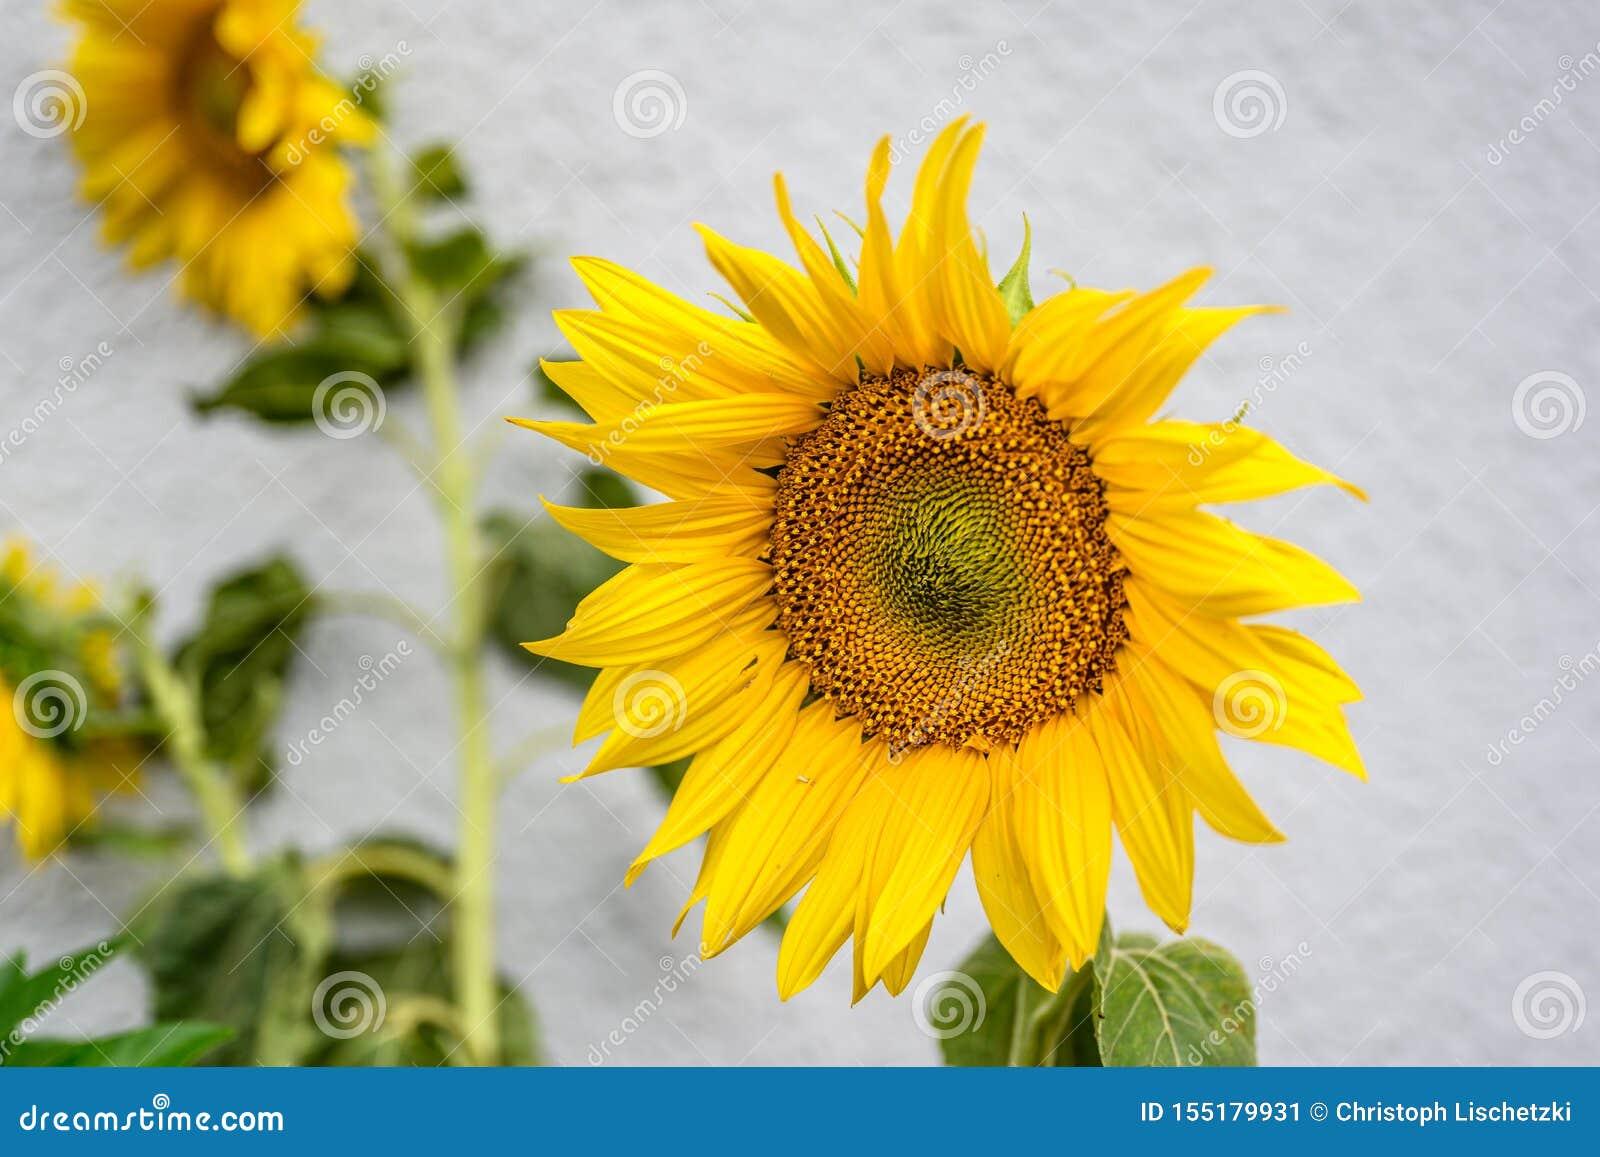 Close-up van zonnebloem natuurlijke achtergrond Het bloeien De zonnebloemen symboliseren bewondering, loyaliteit en levensduur